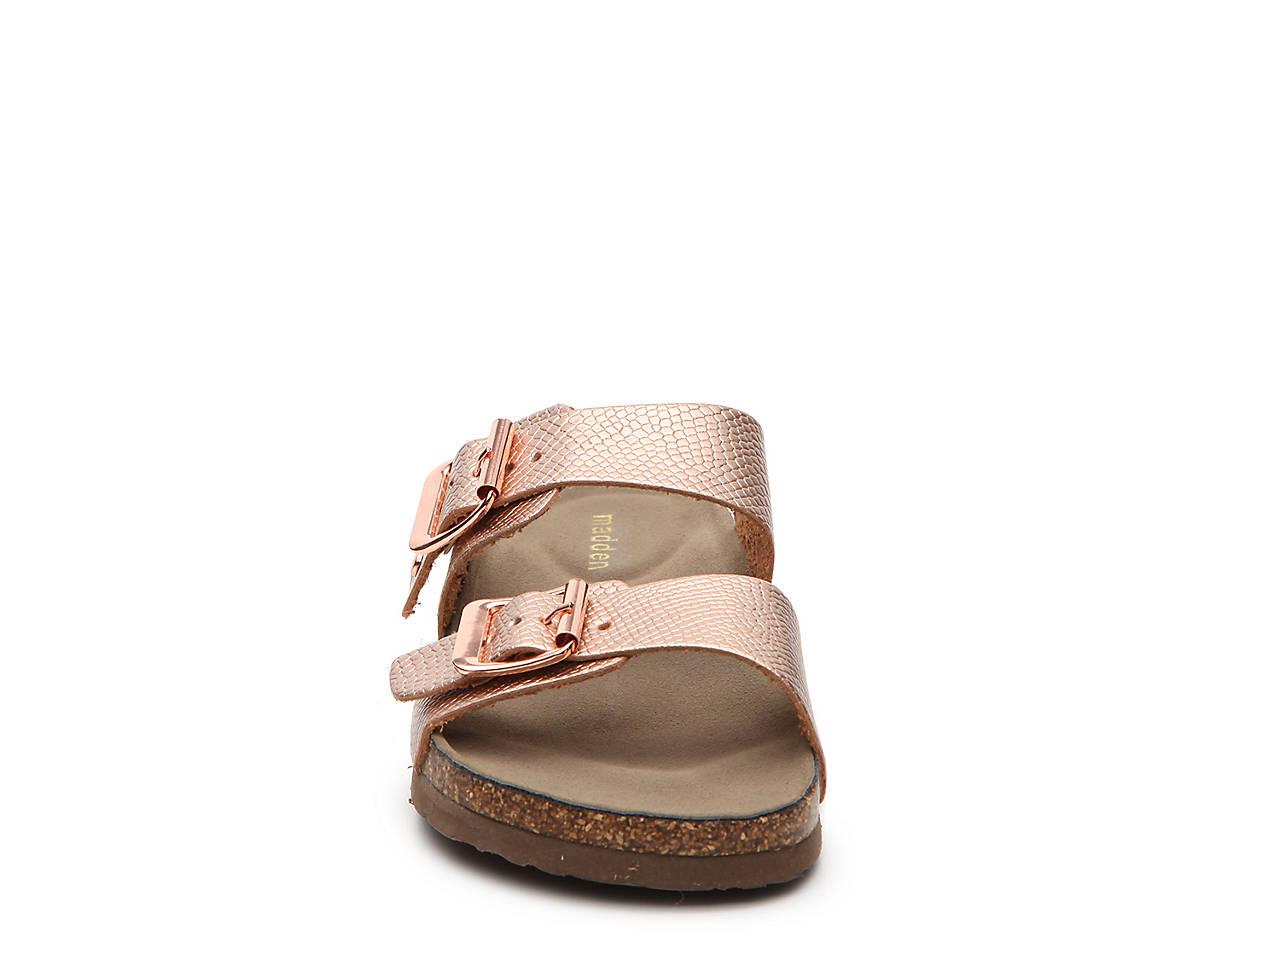 941c822dd6f5 Madden Girl Brando Sandal Women s Shoes